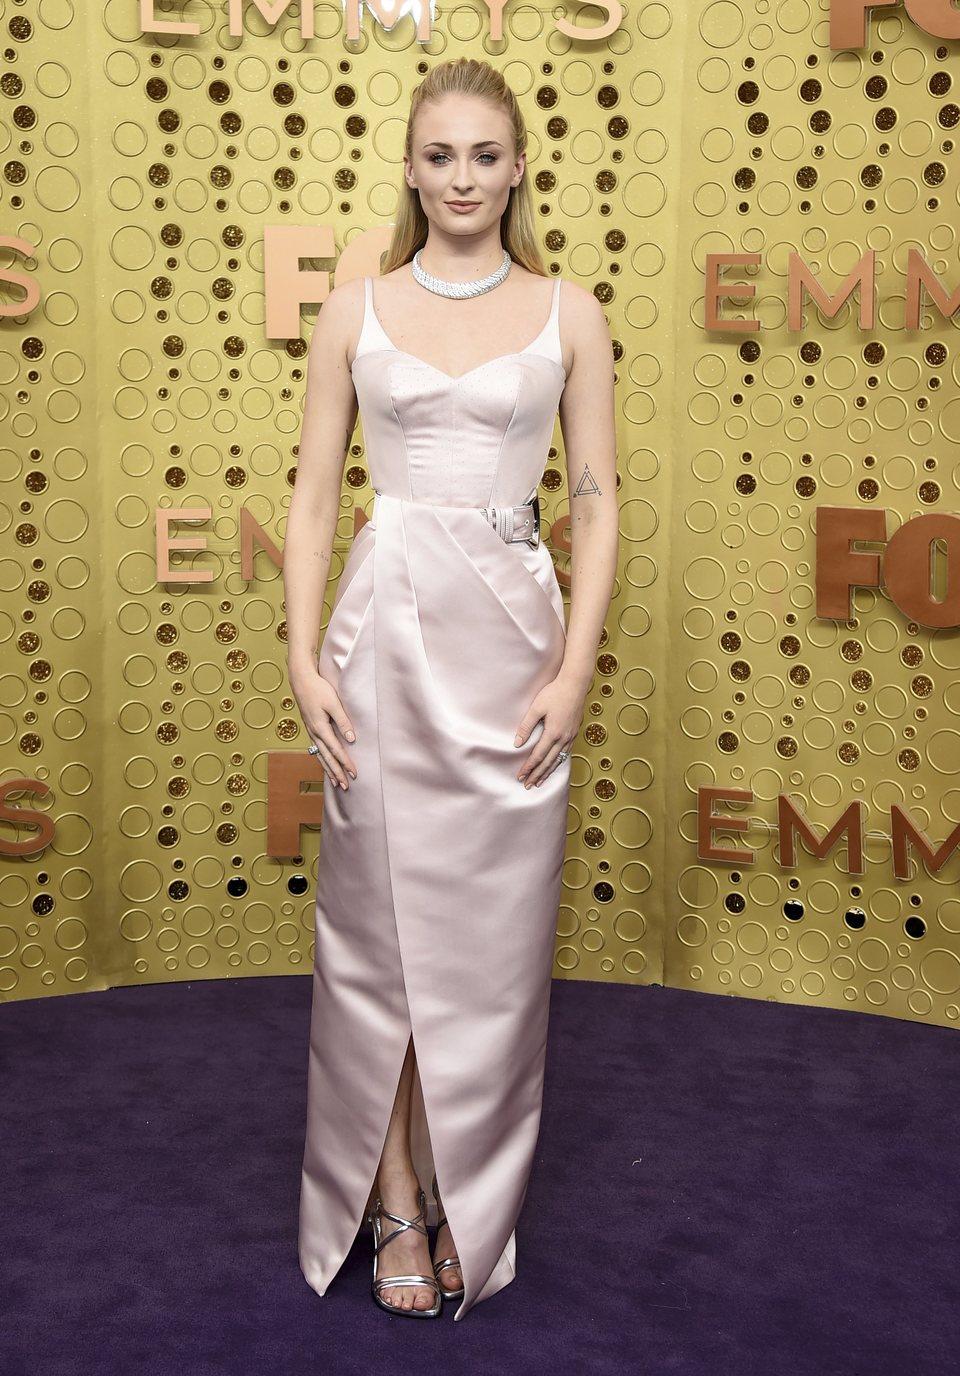 Sophie Turner at the Emmy 2019 red carpet